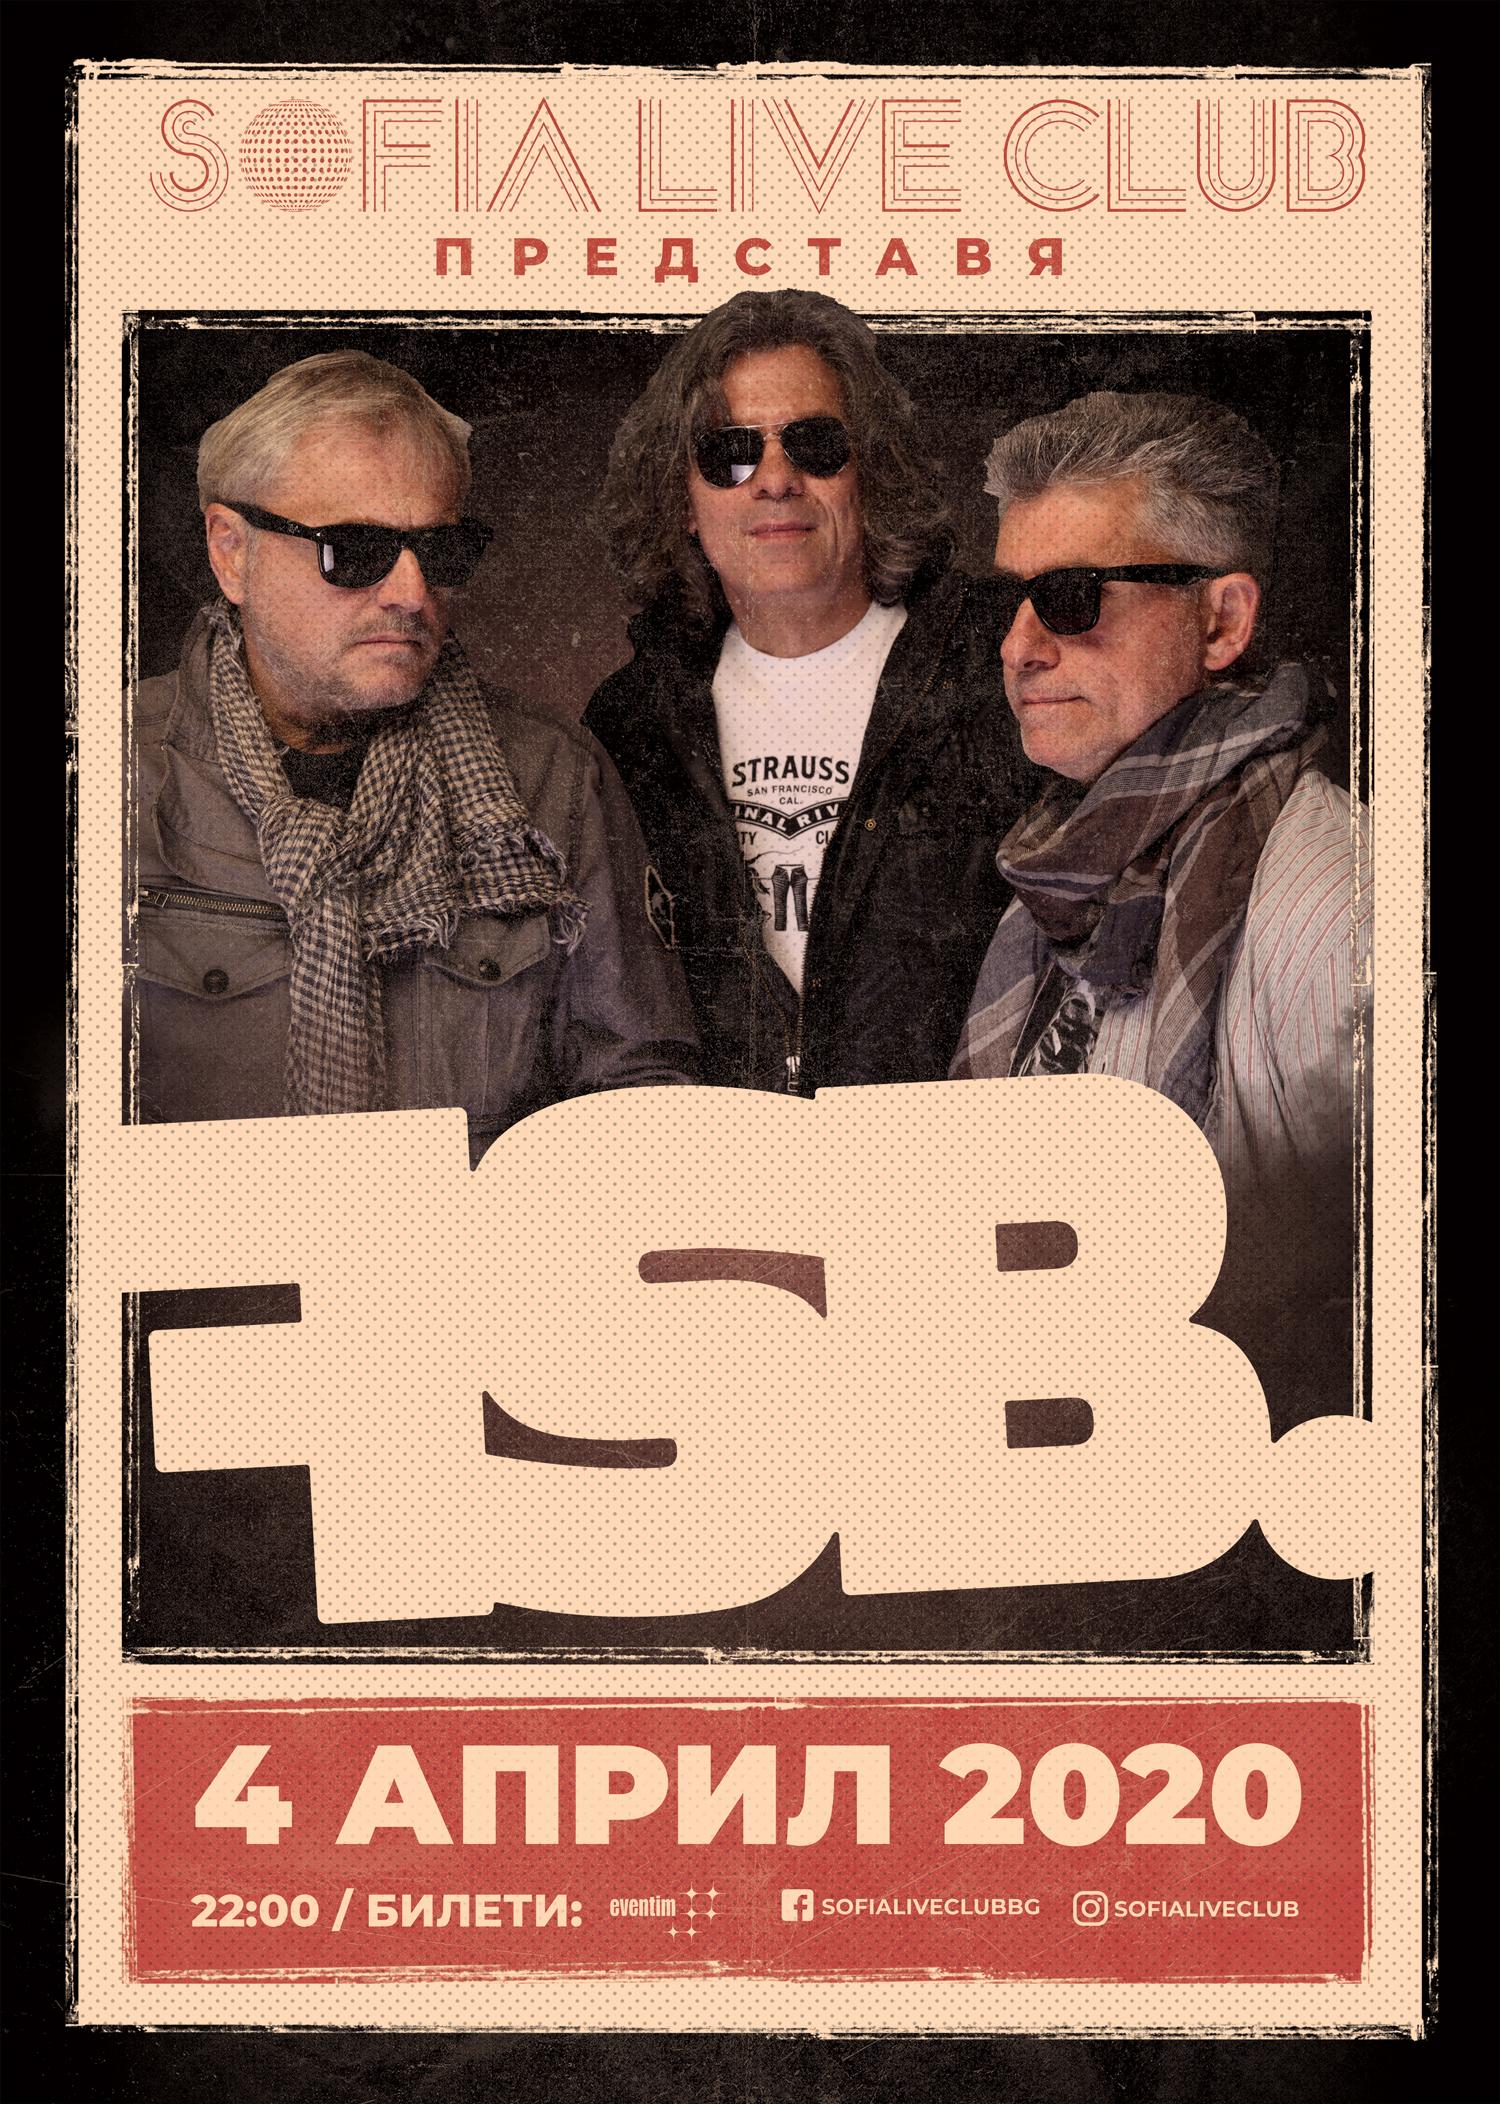 ФСБ с втора дата за клубен концерт - 4 април в Sofia Live Club